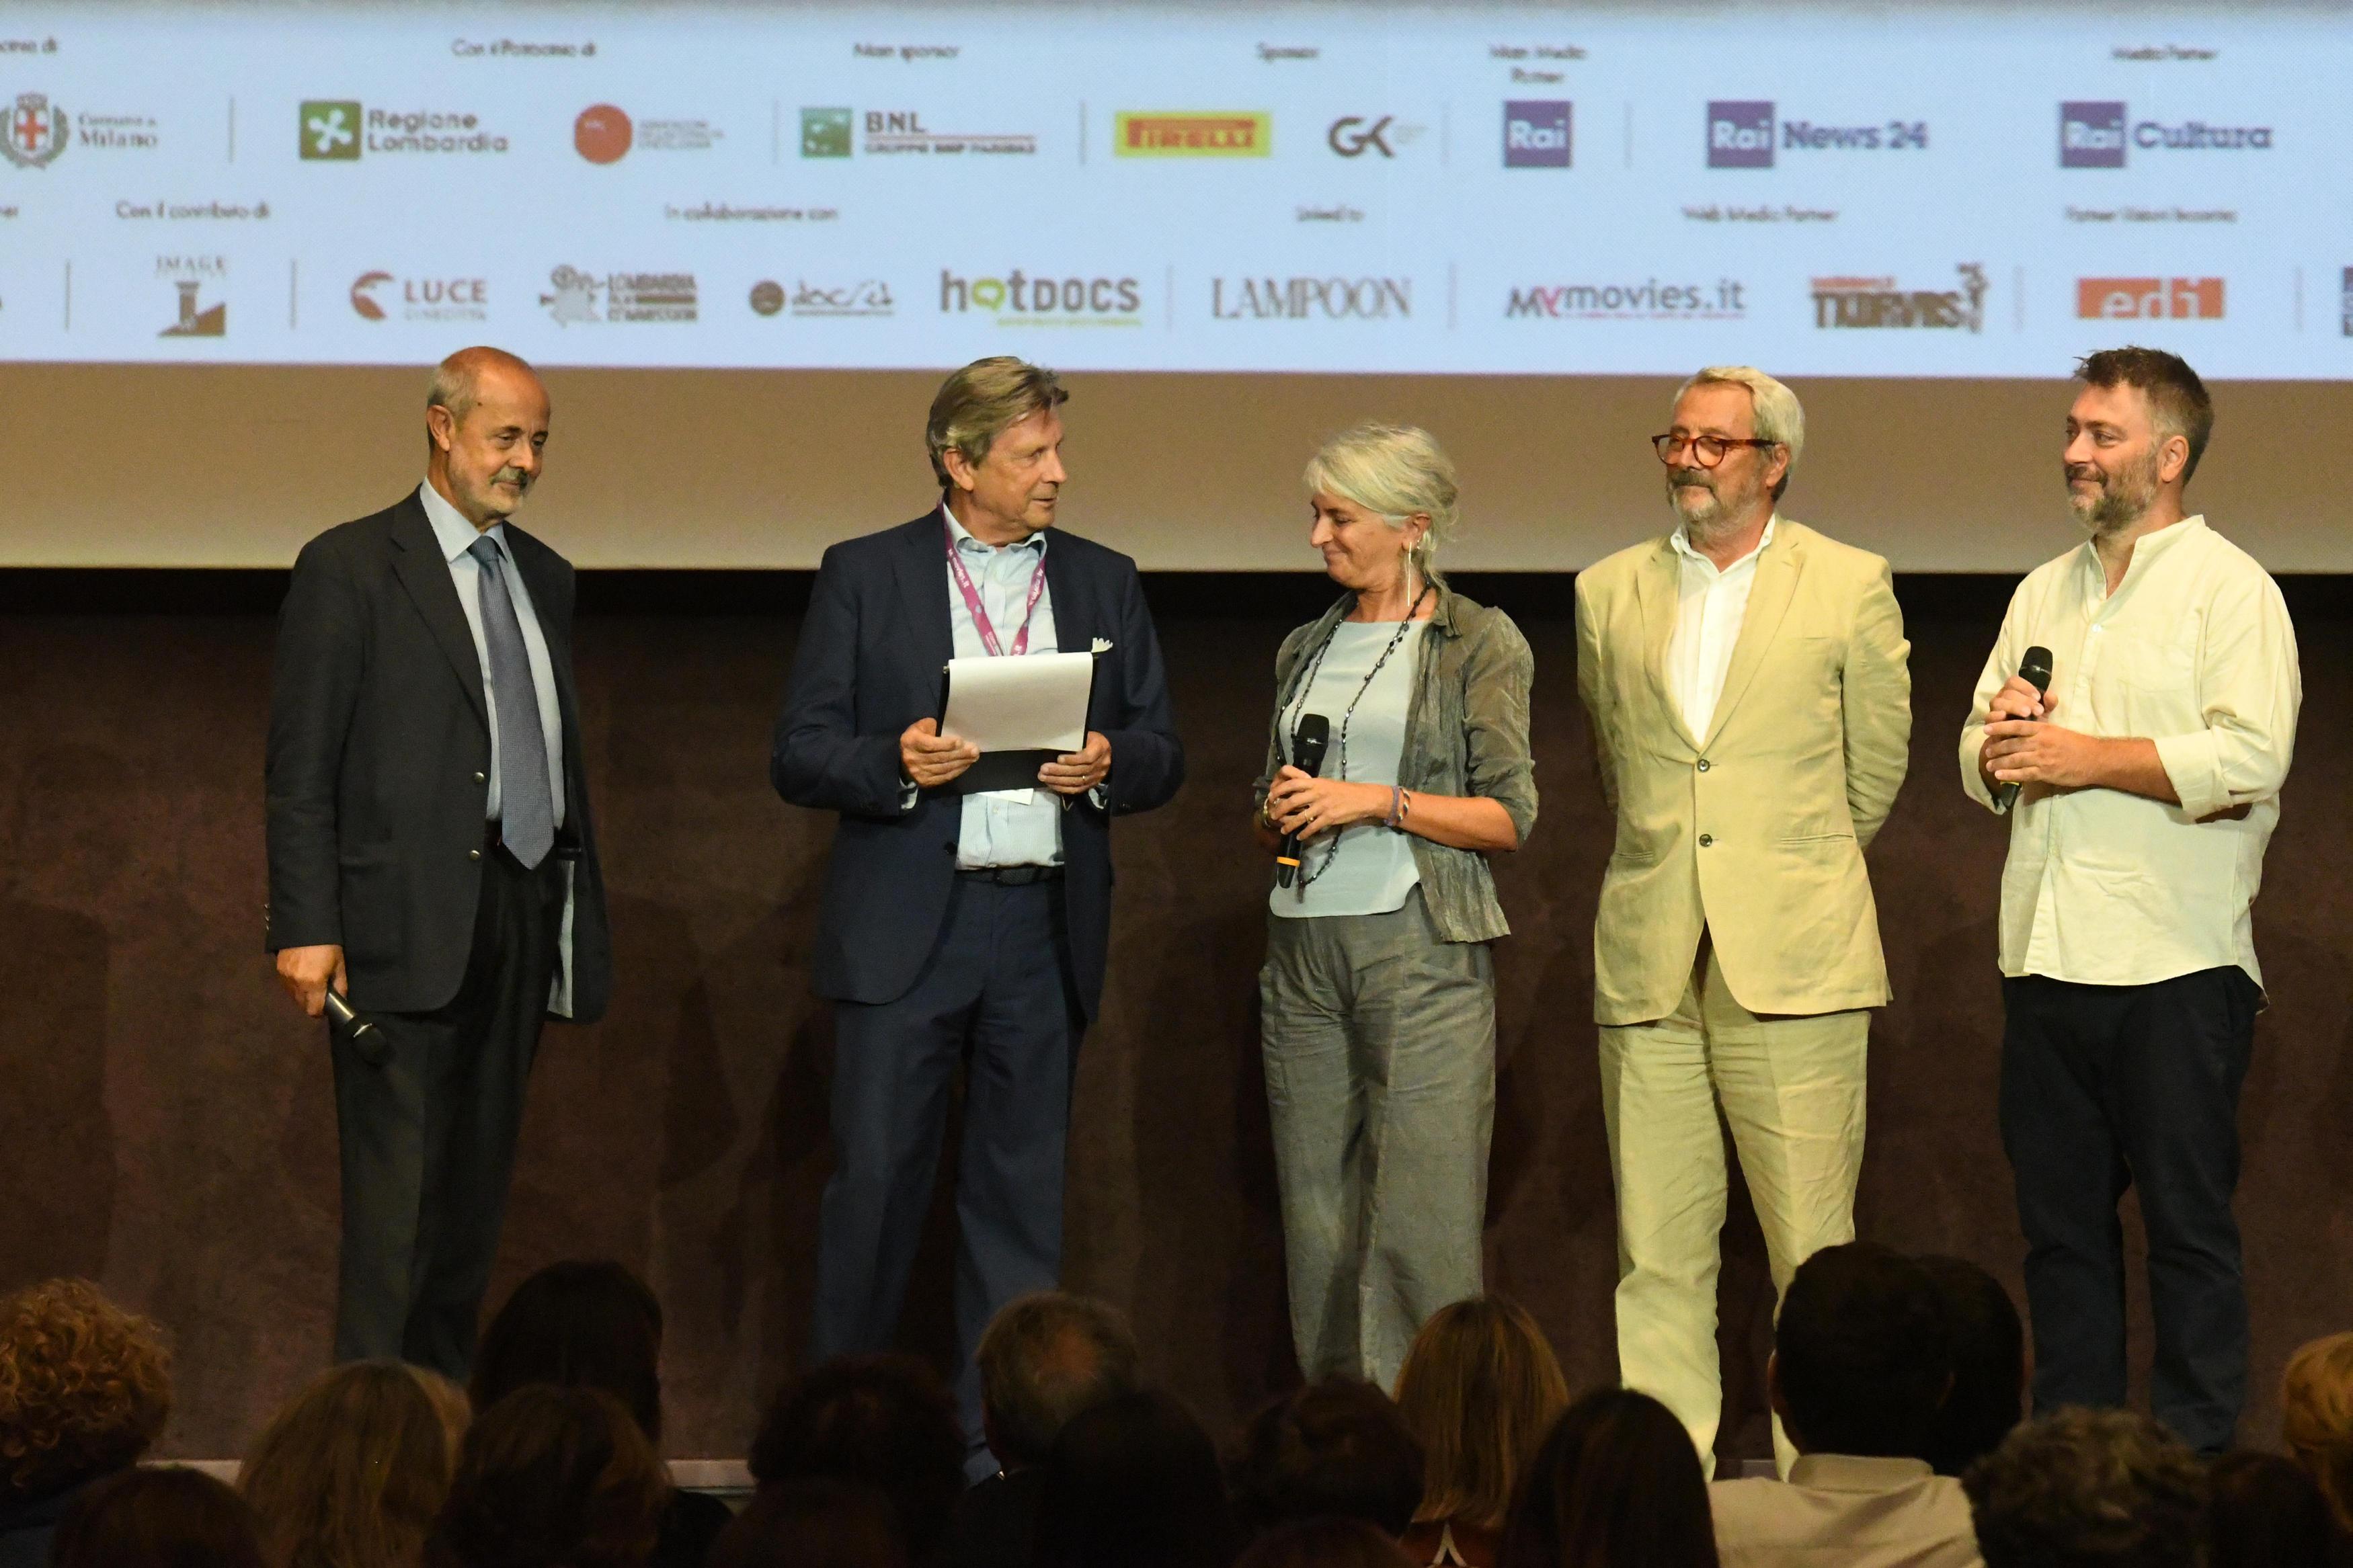 Antonio Calabrò, Francesco Bizzarri, Lucia Nardi e Roberto Cicutto sul palco dell'Auditorium del Museo Scienza e Tecnologia Leonardo Da Vinci